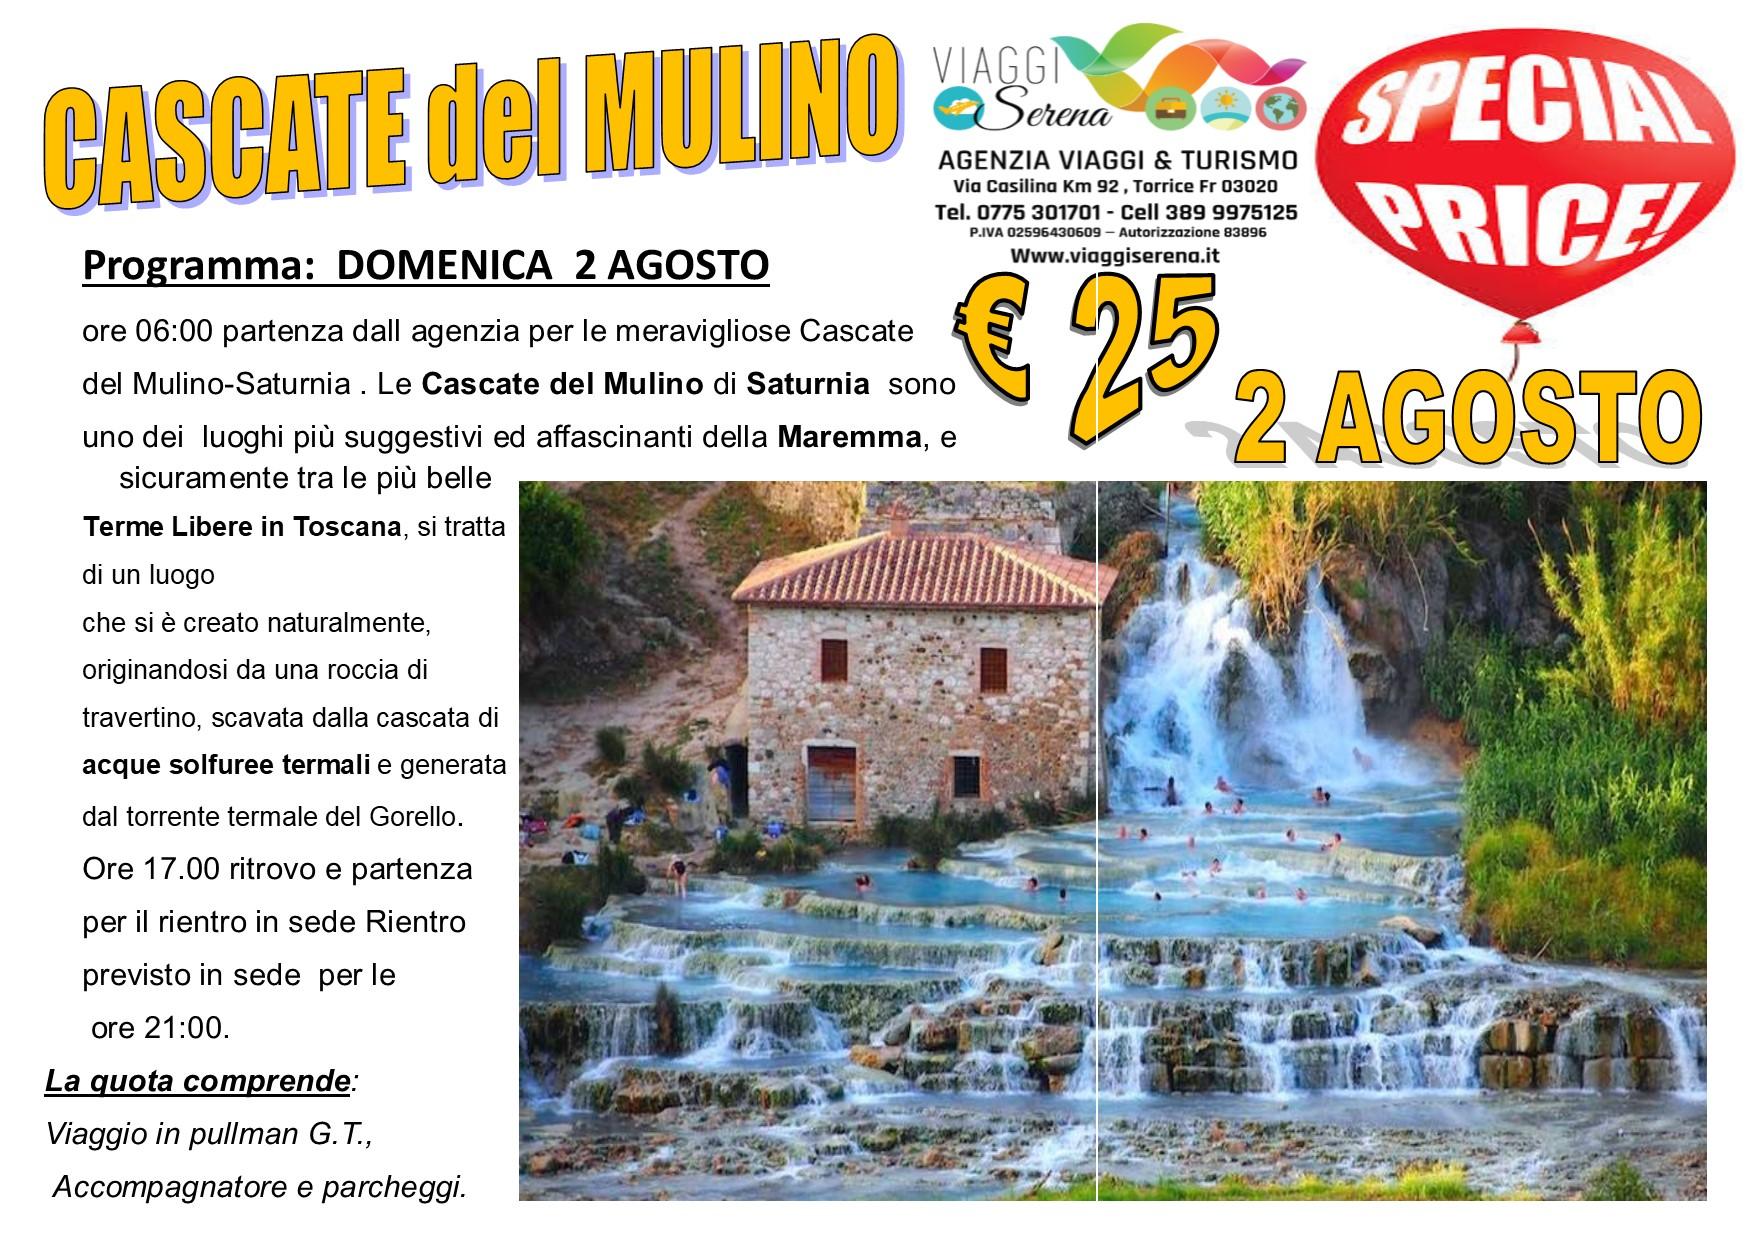 Viaggi di Gruppo: Cascate del Mulino 2 Agosto € 25,00